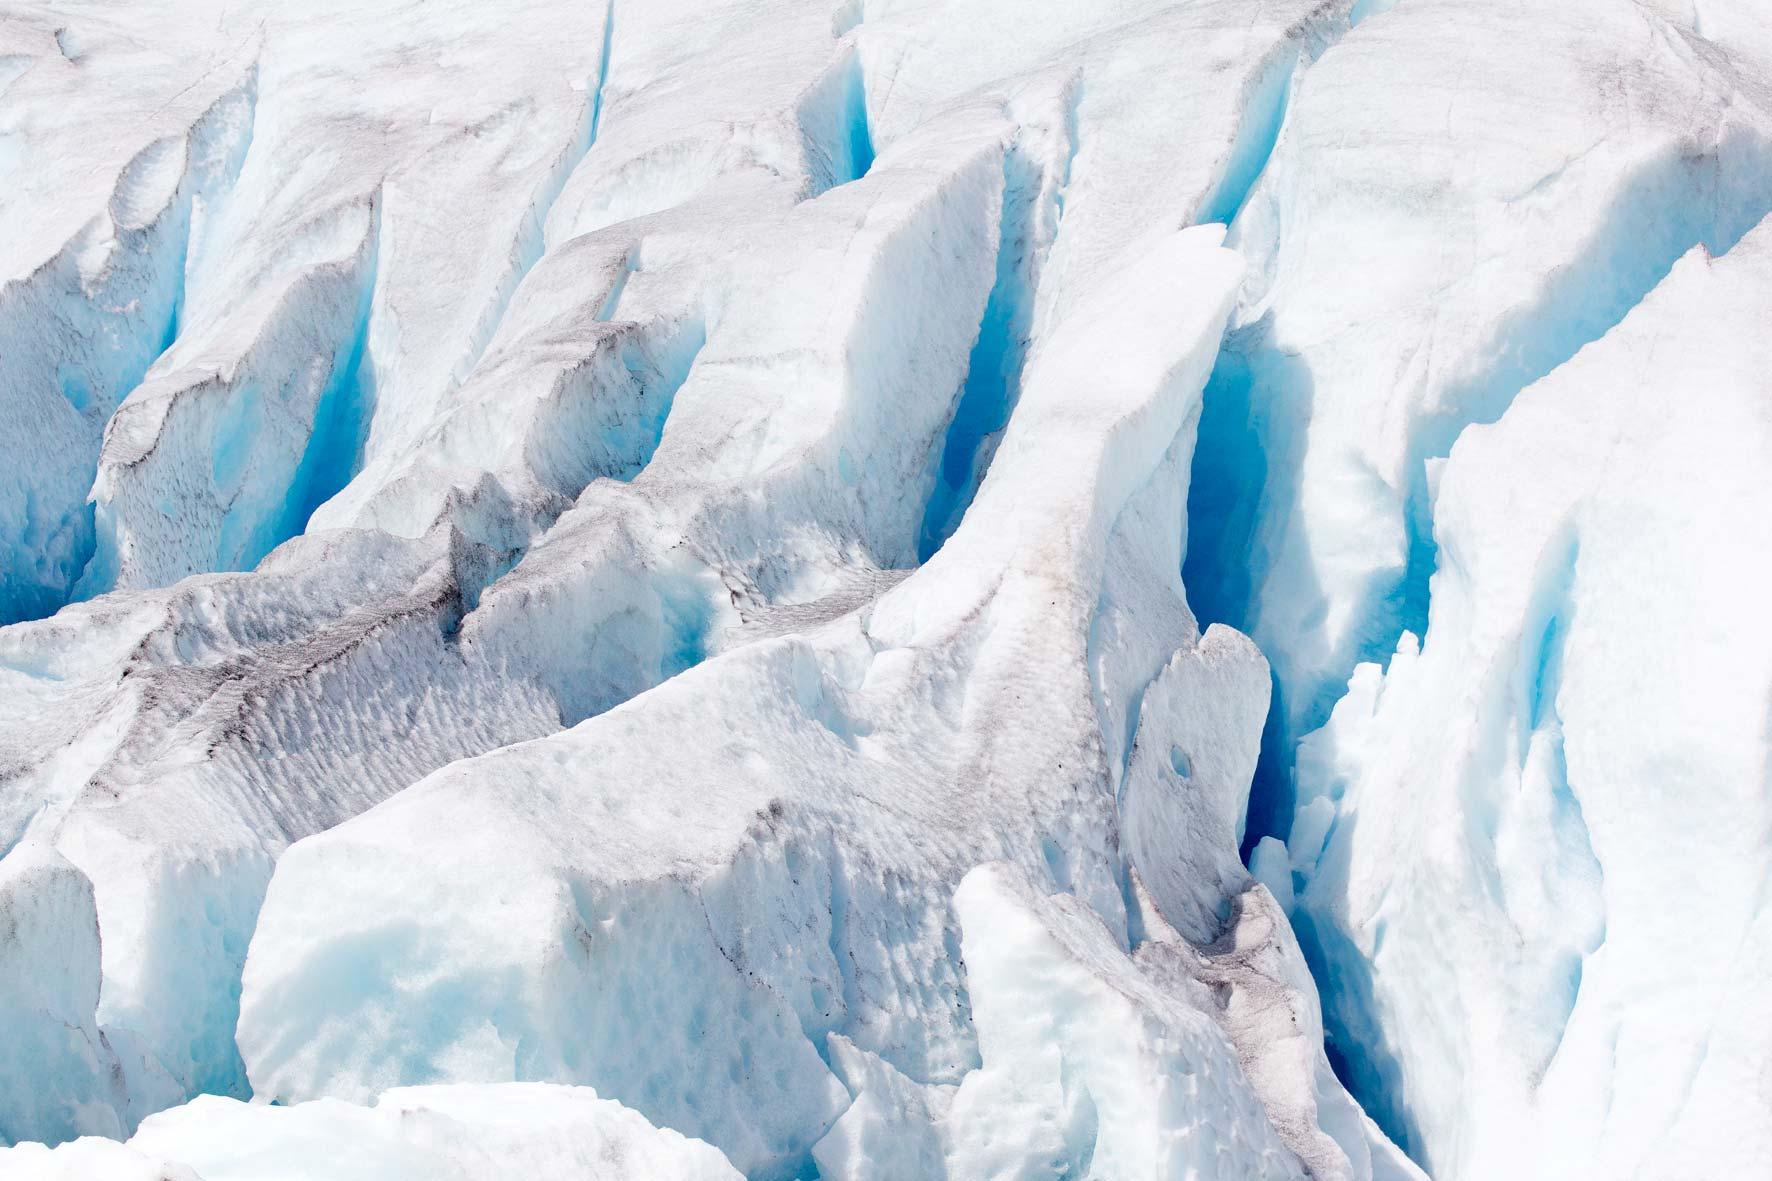 Nigardsbreen Blau Eis Gletschereis